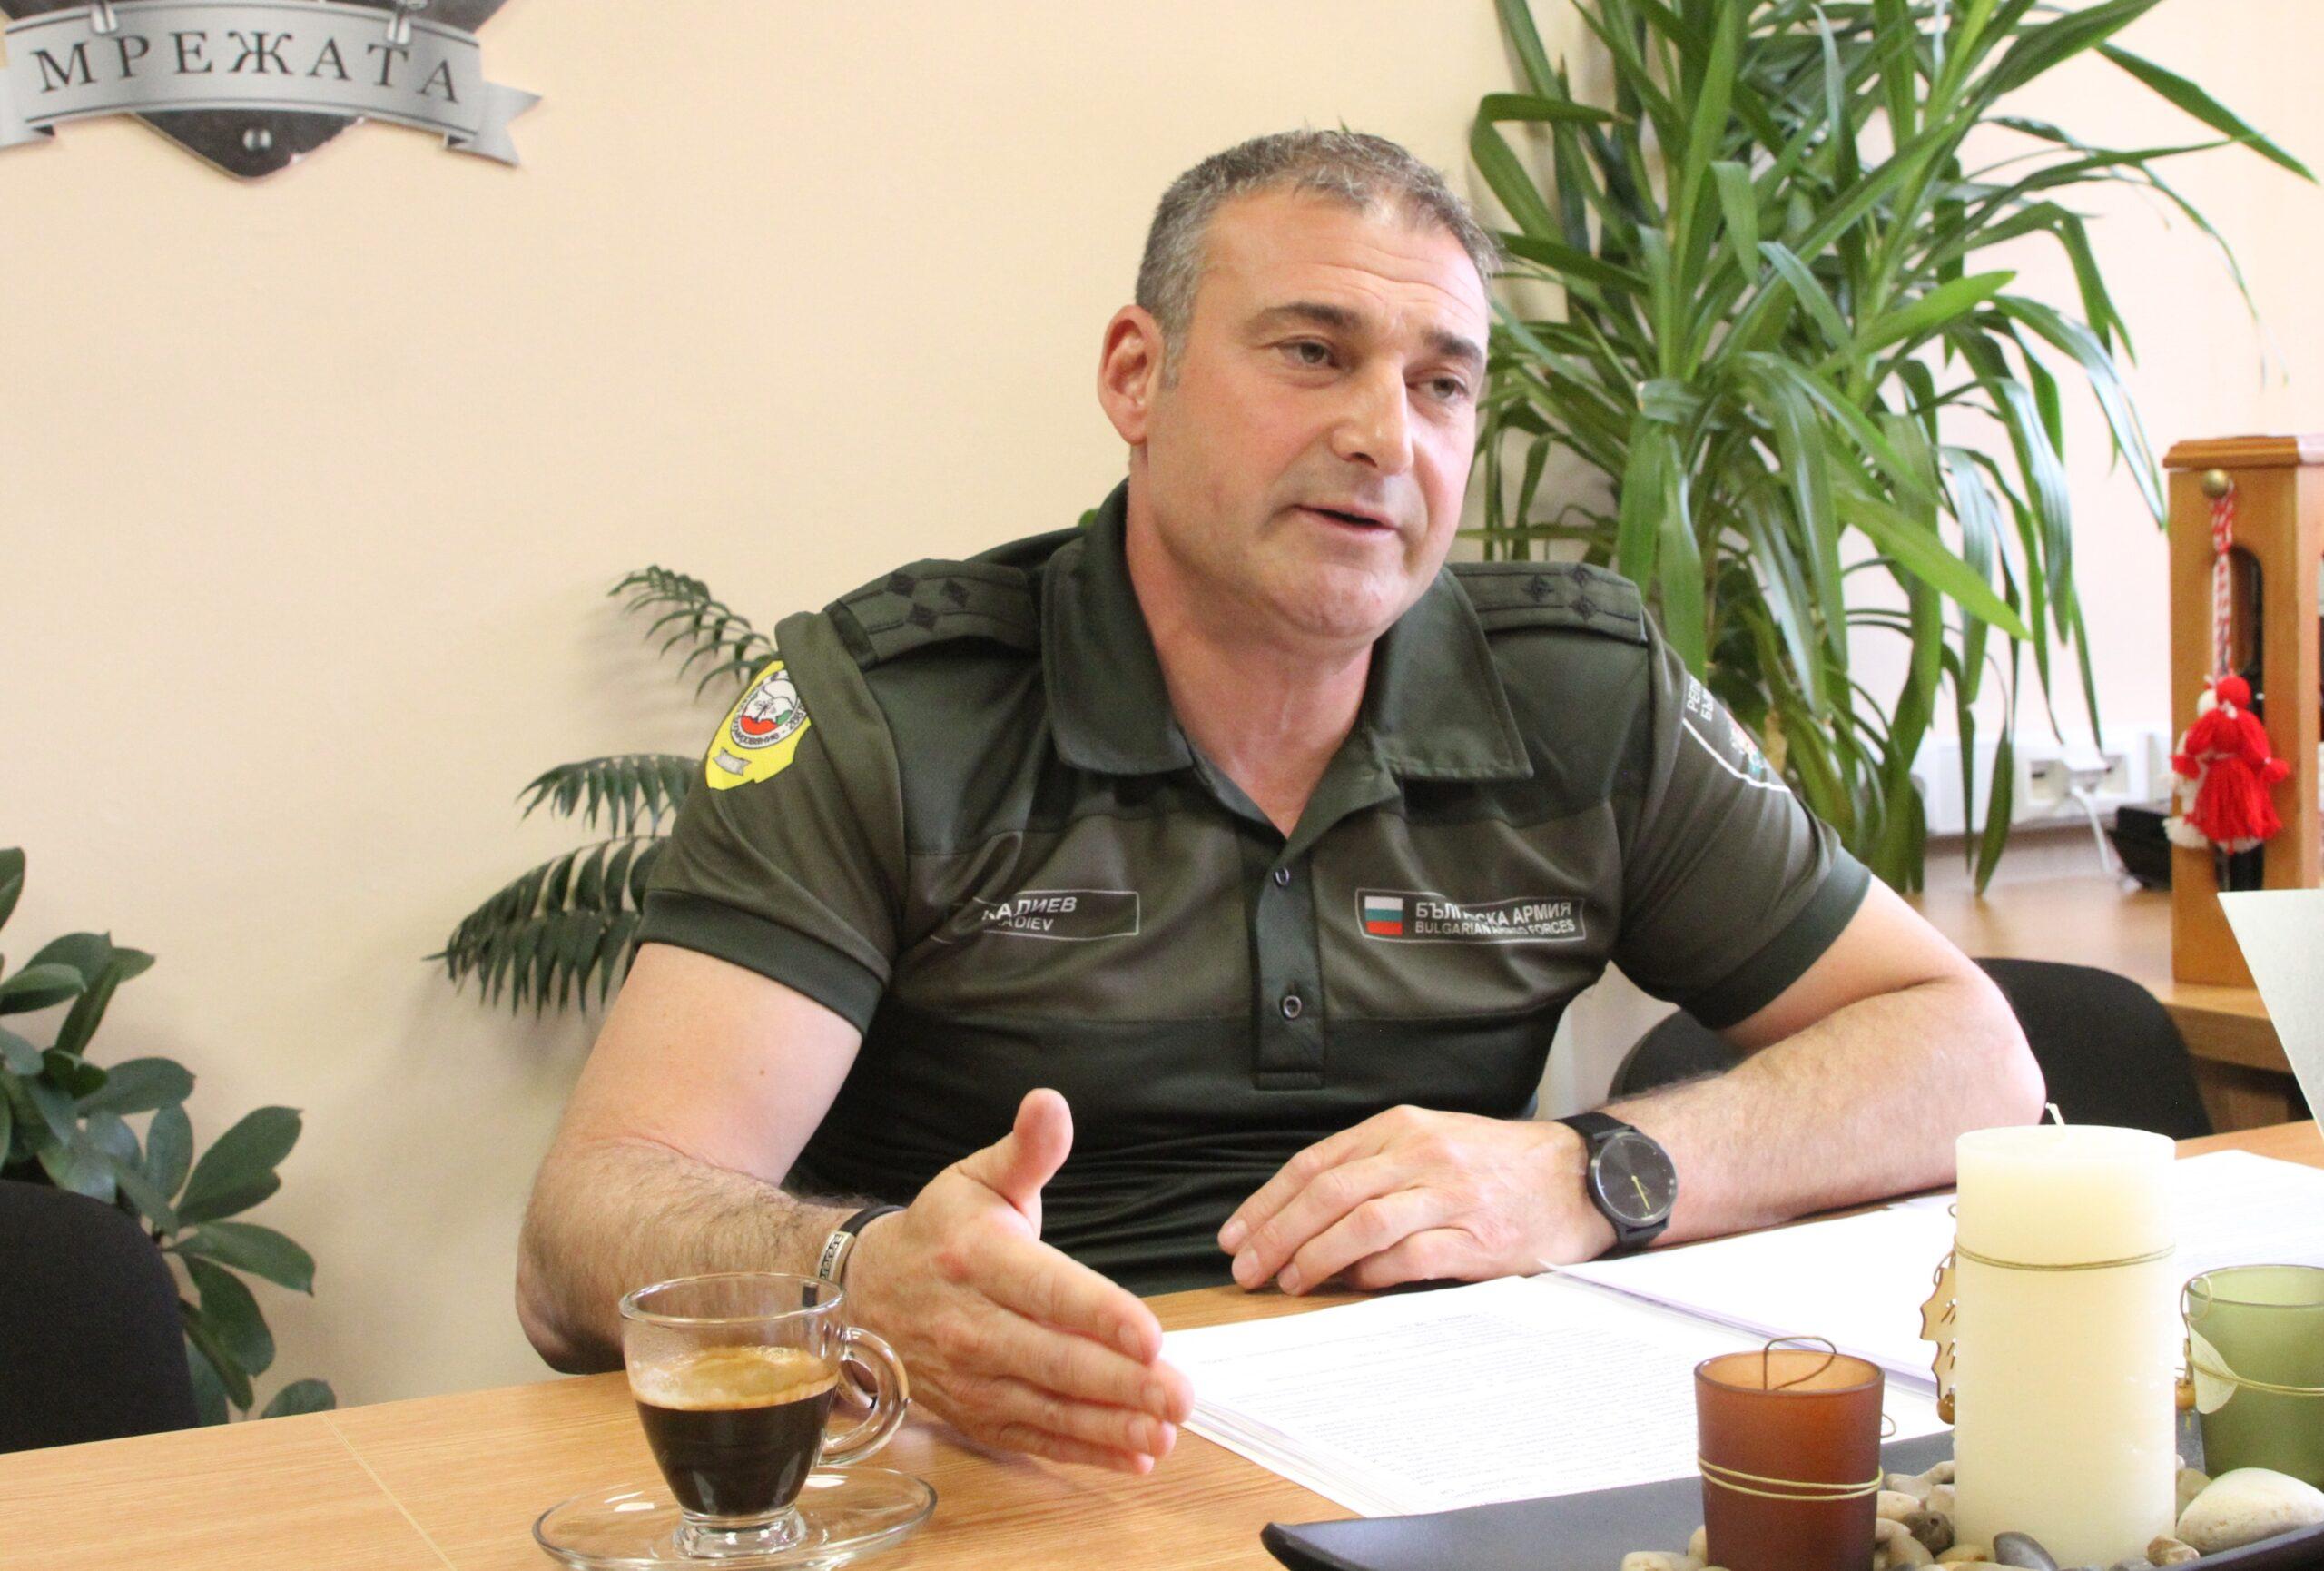 Полковник инж. Красимир Кадиев: Окомплектоването при нас достига 98 %